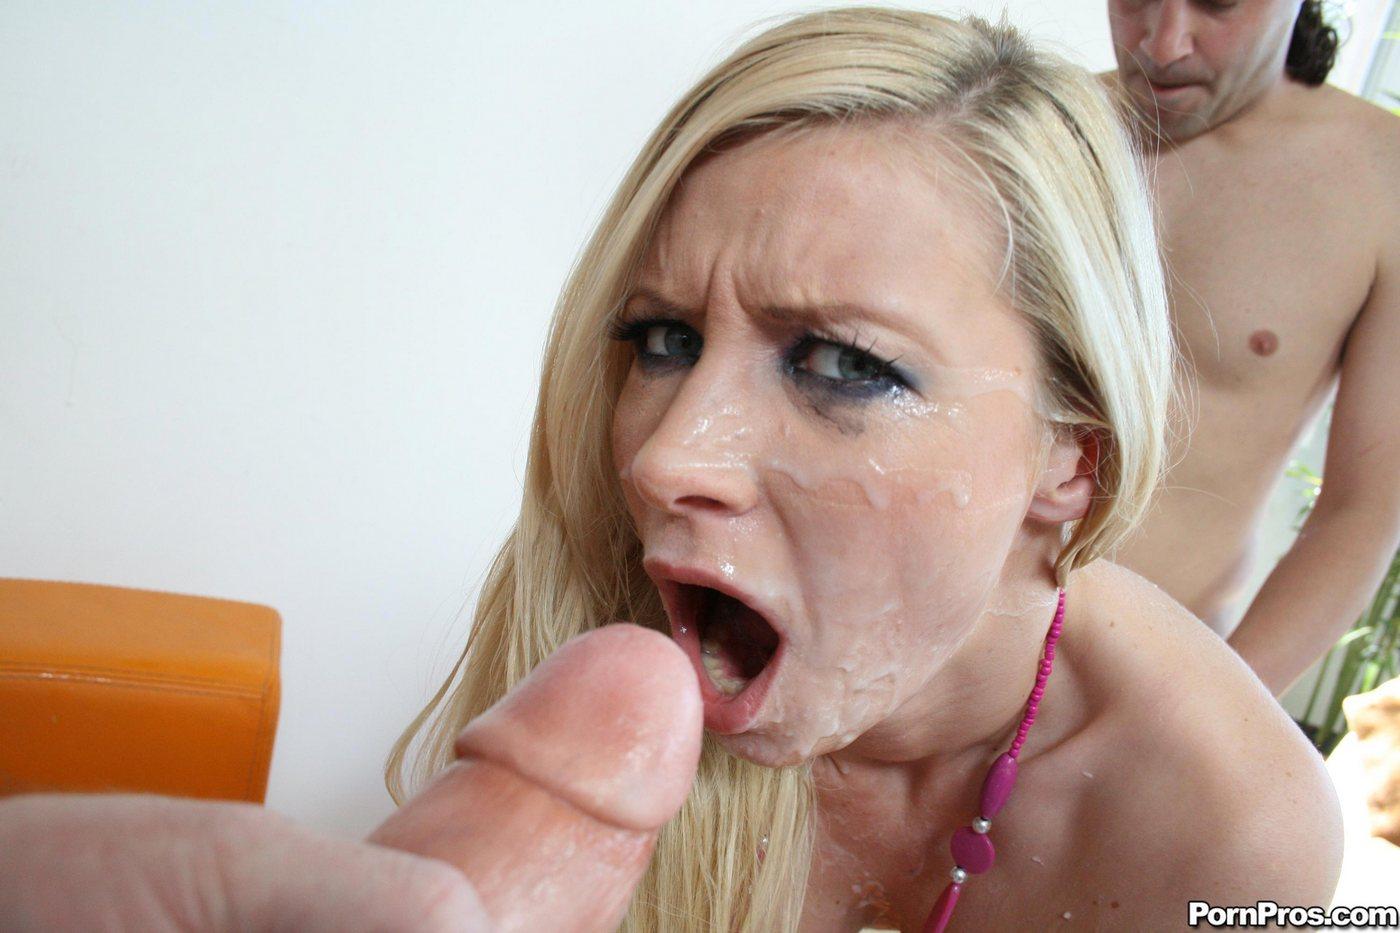 Фото блондинку залили спермой 10 фотография